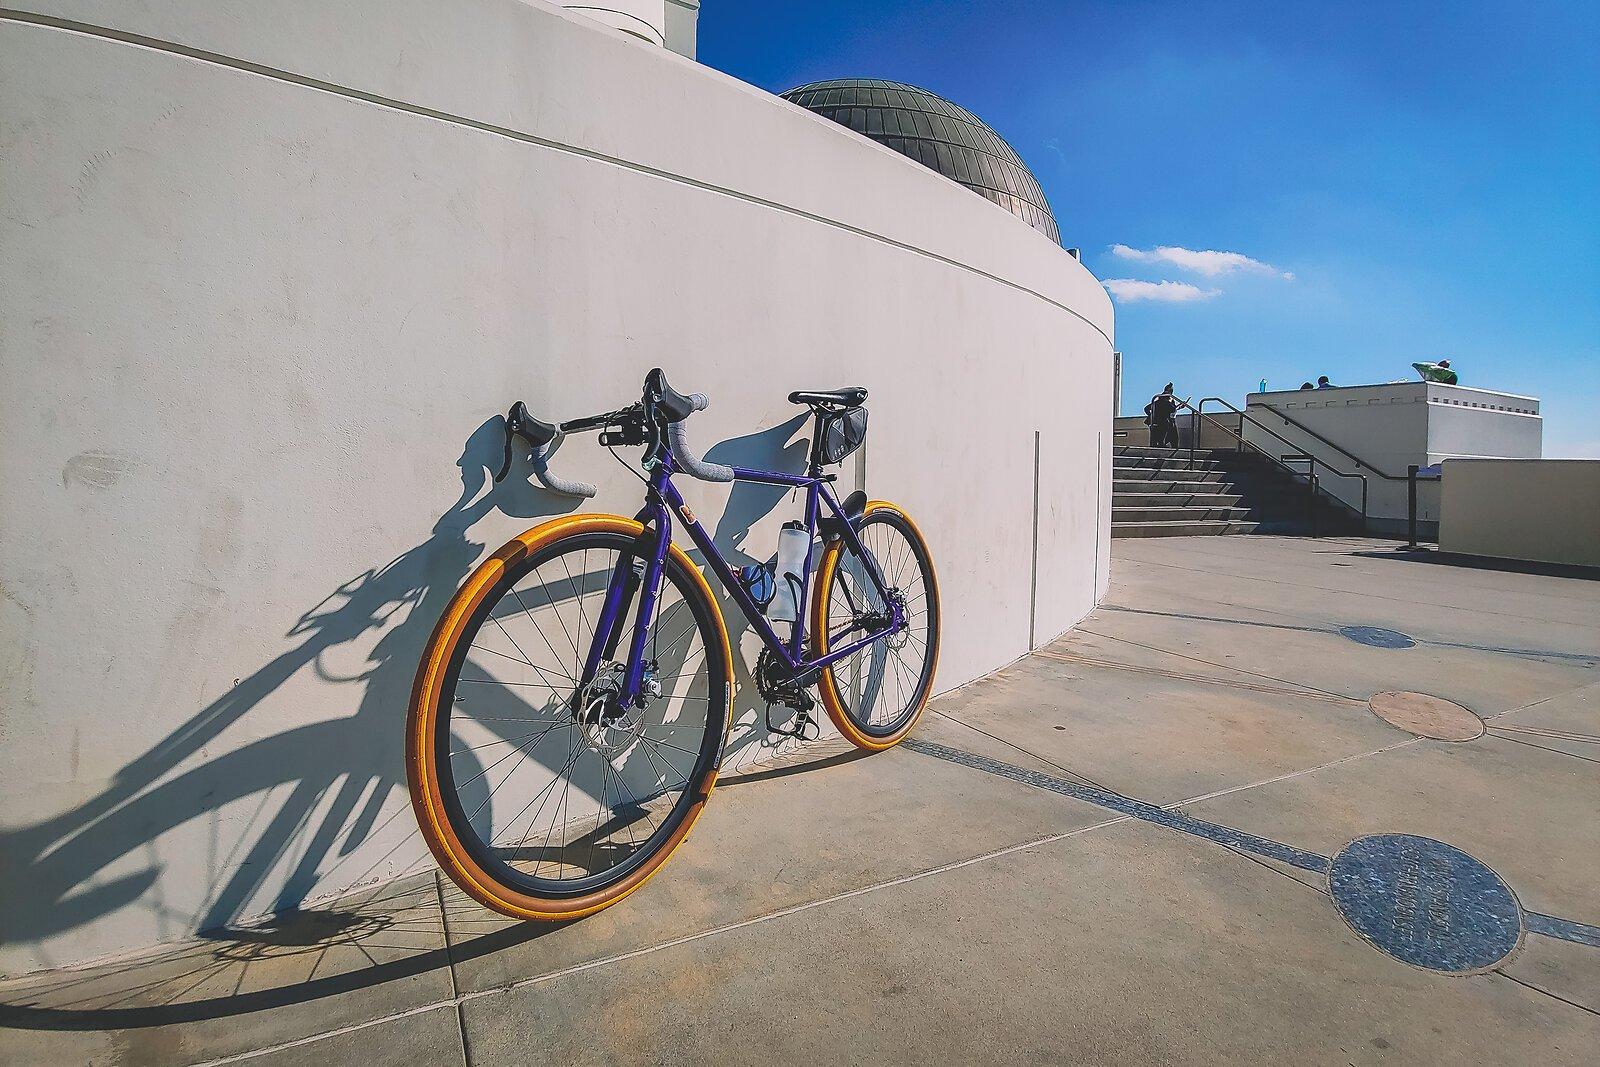 road_bike_02.jpg